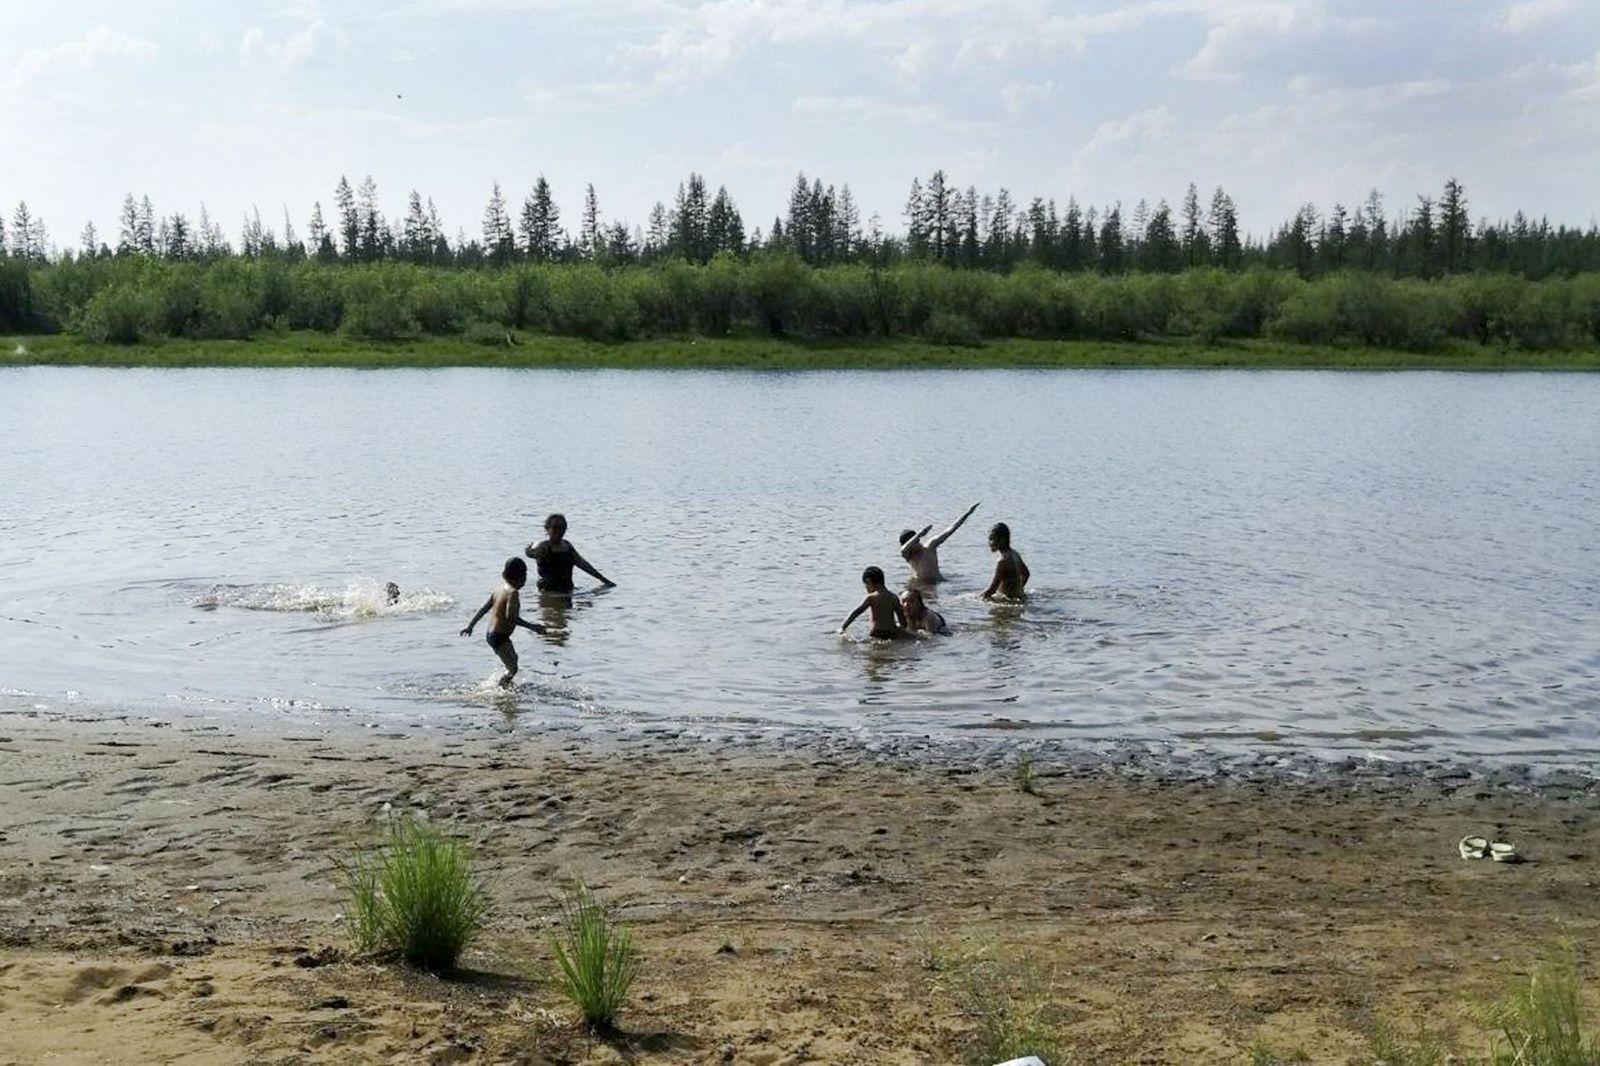 Jazero pri meste Verchojansk na ruskom Ďalekom východe. Deti sa vo vode pohodlne kúpali, nachádza sa pritom ďaleko za severným polárnym kruhom.